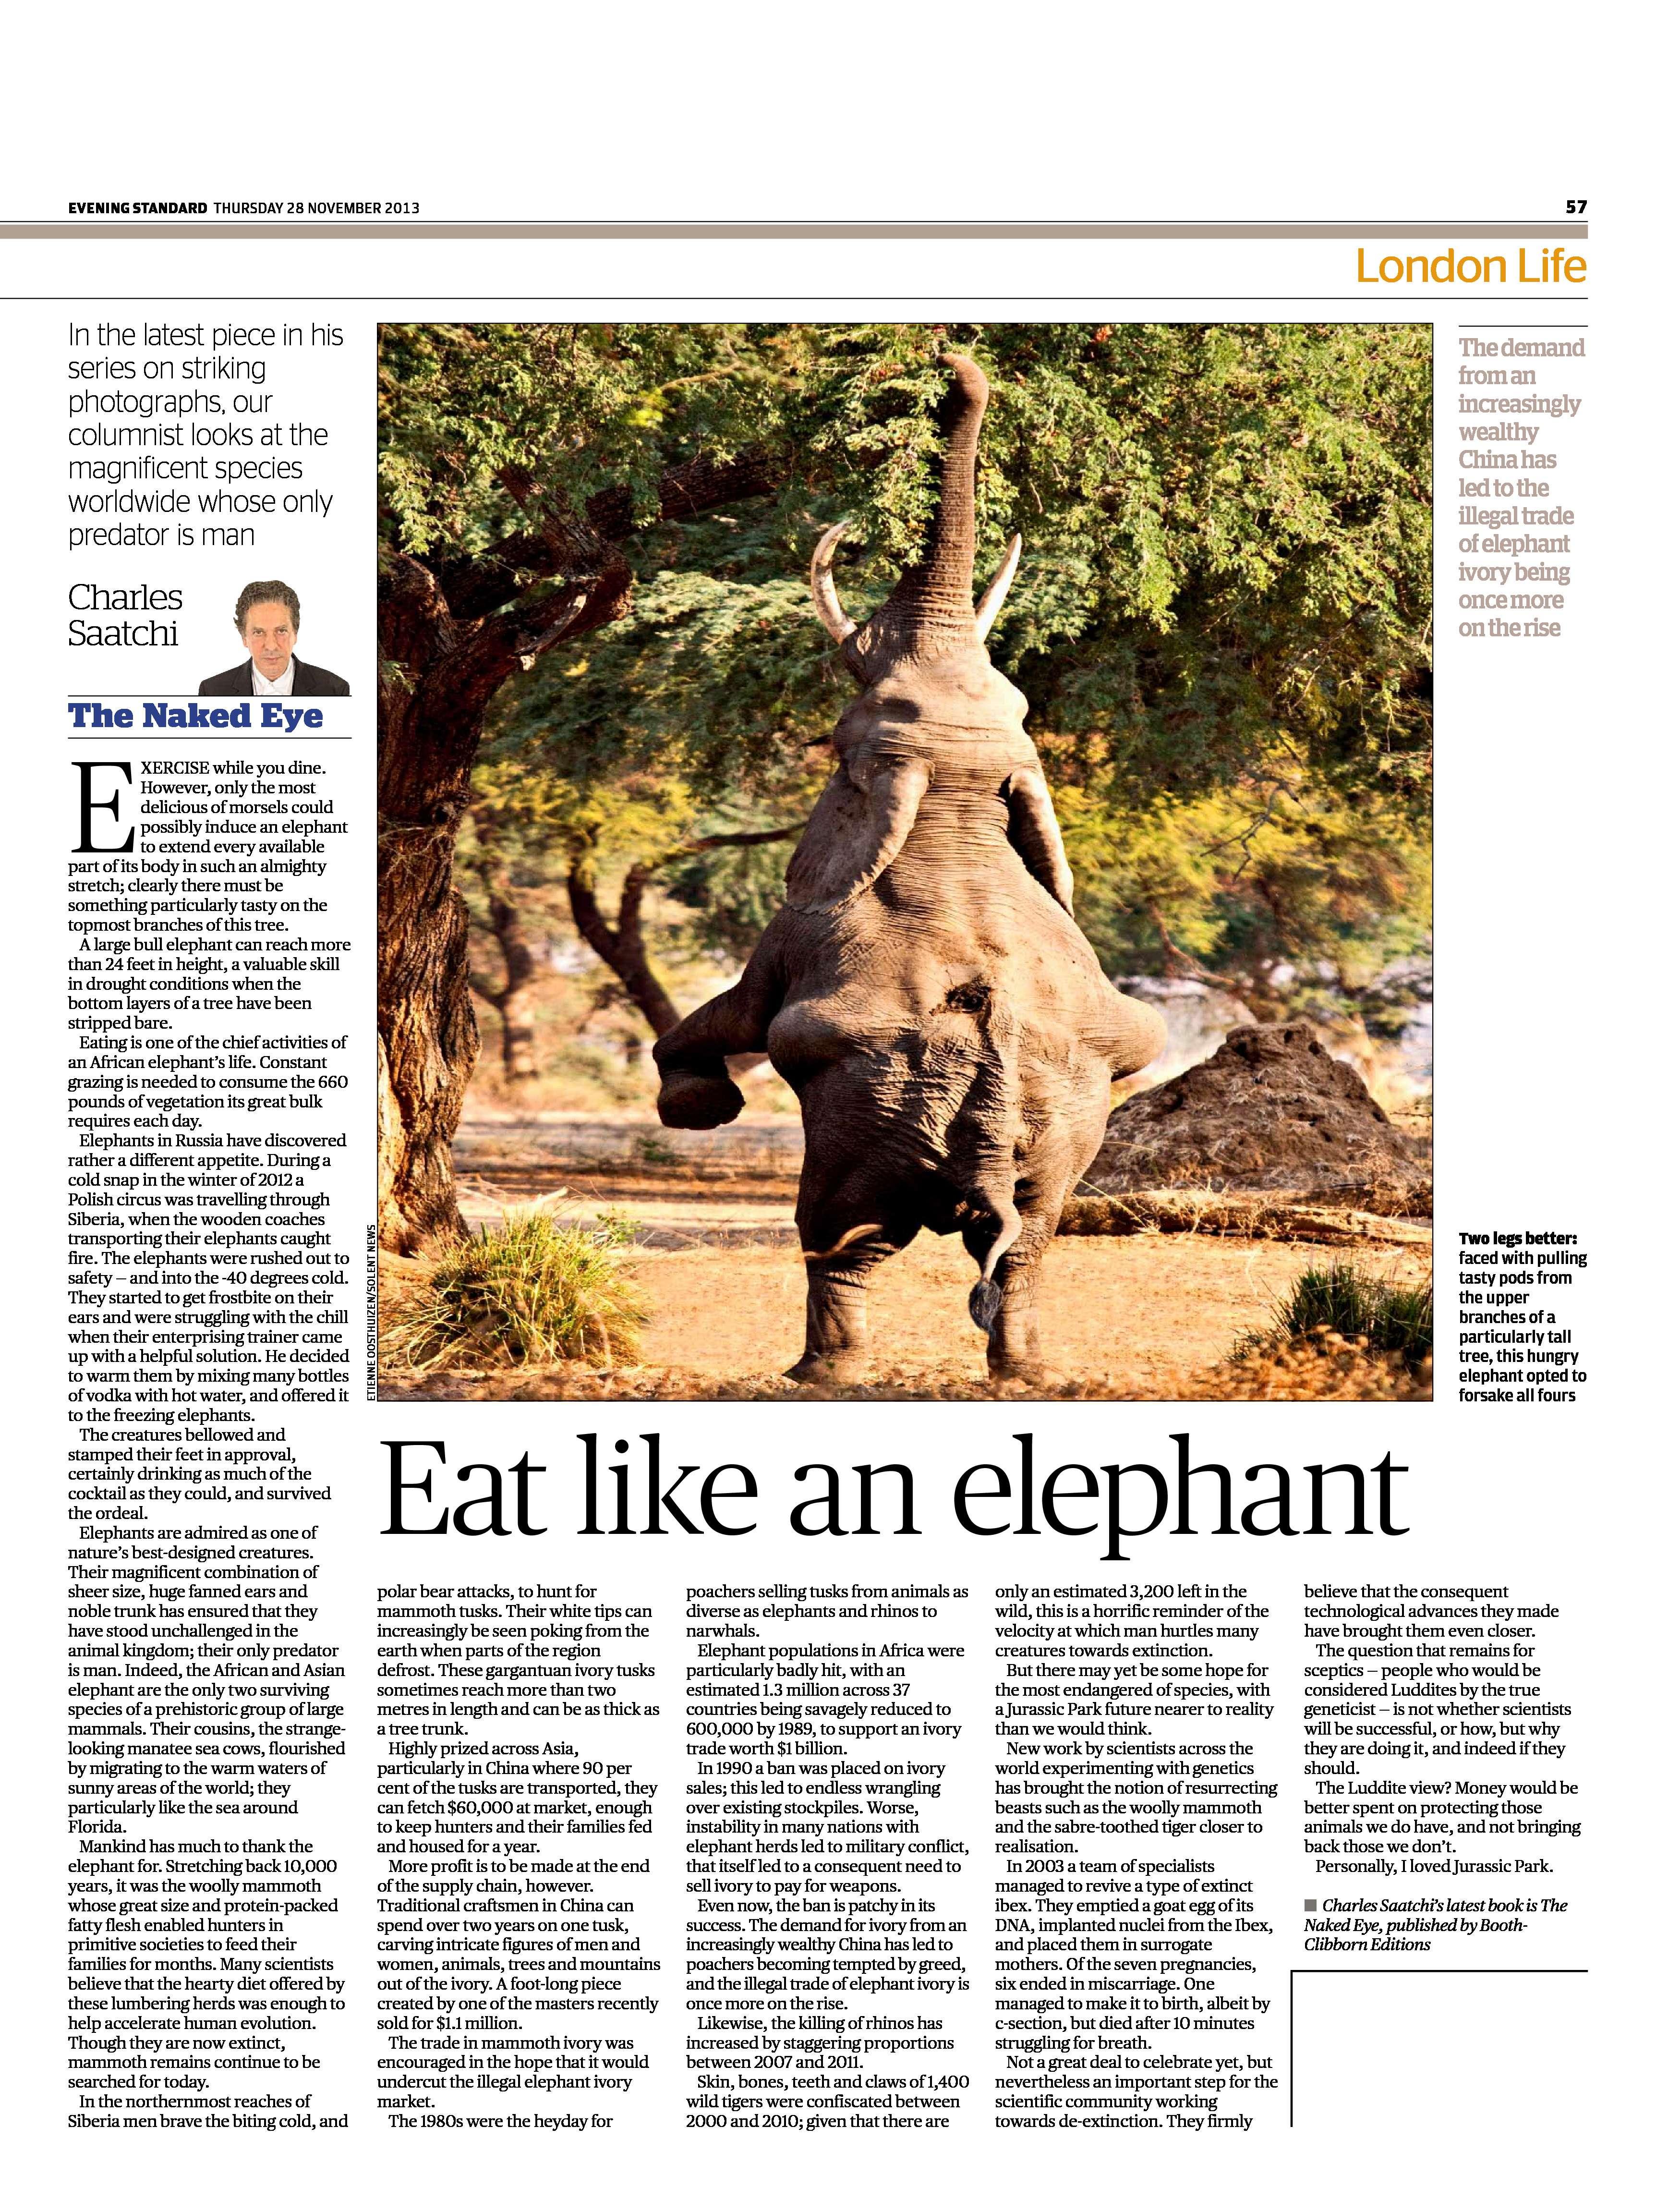 Eat like an elephant